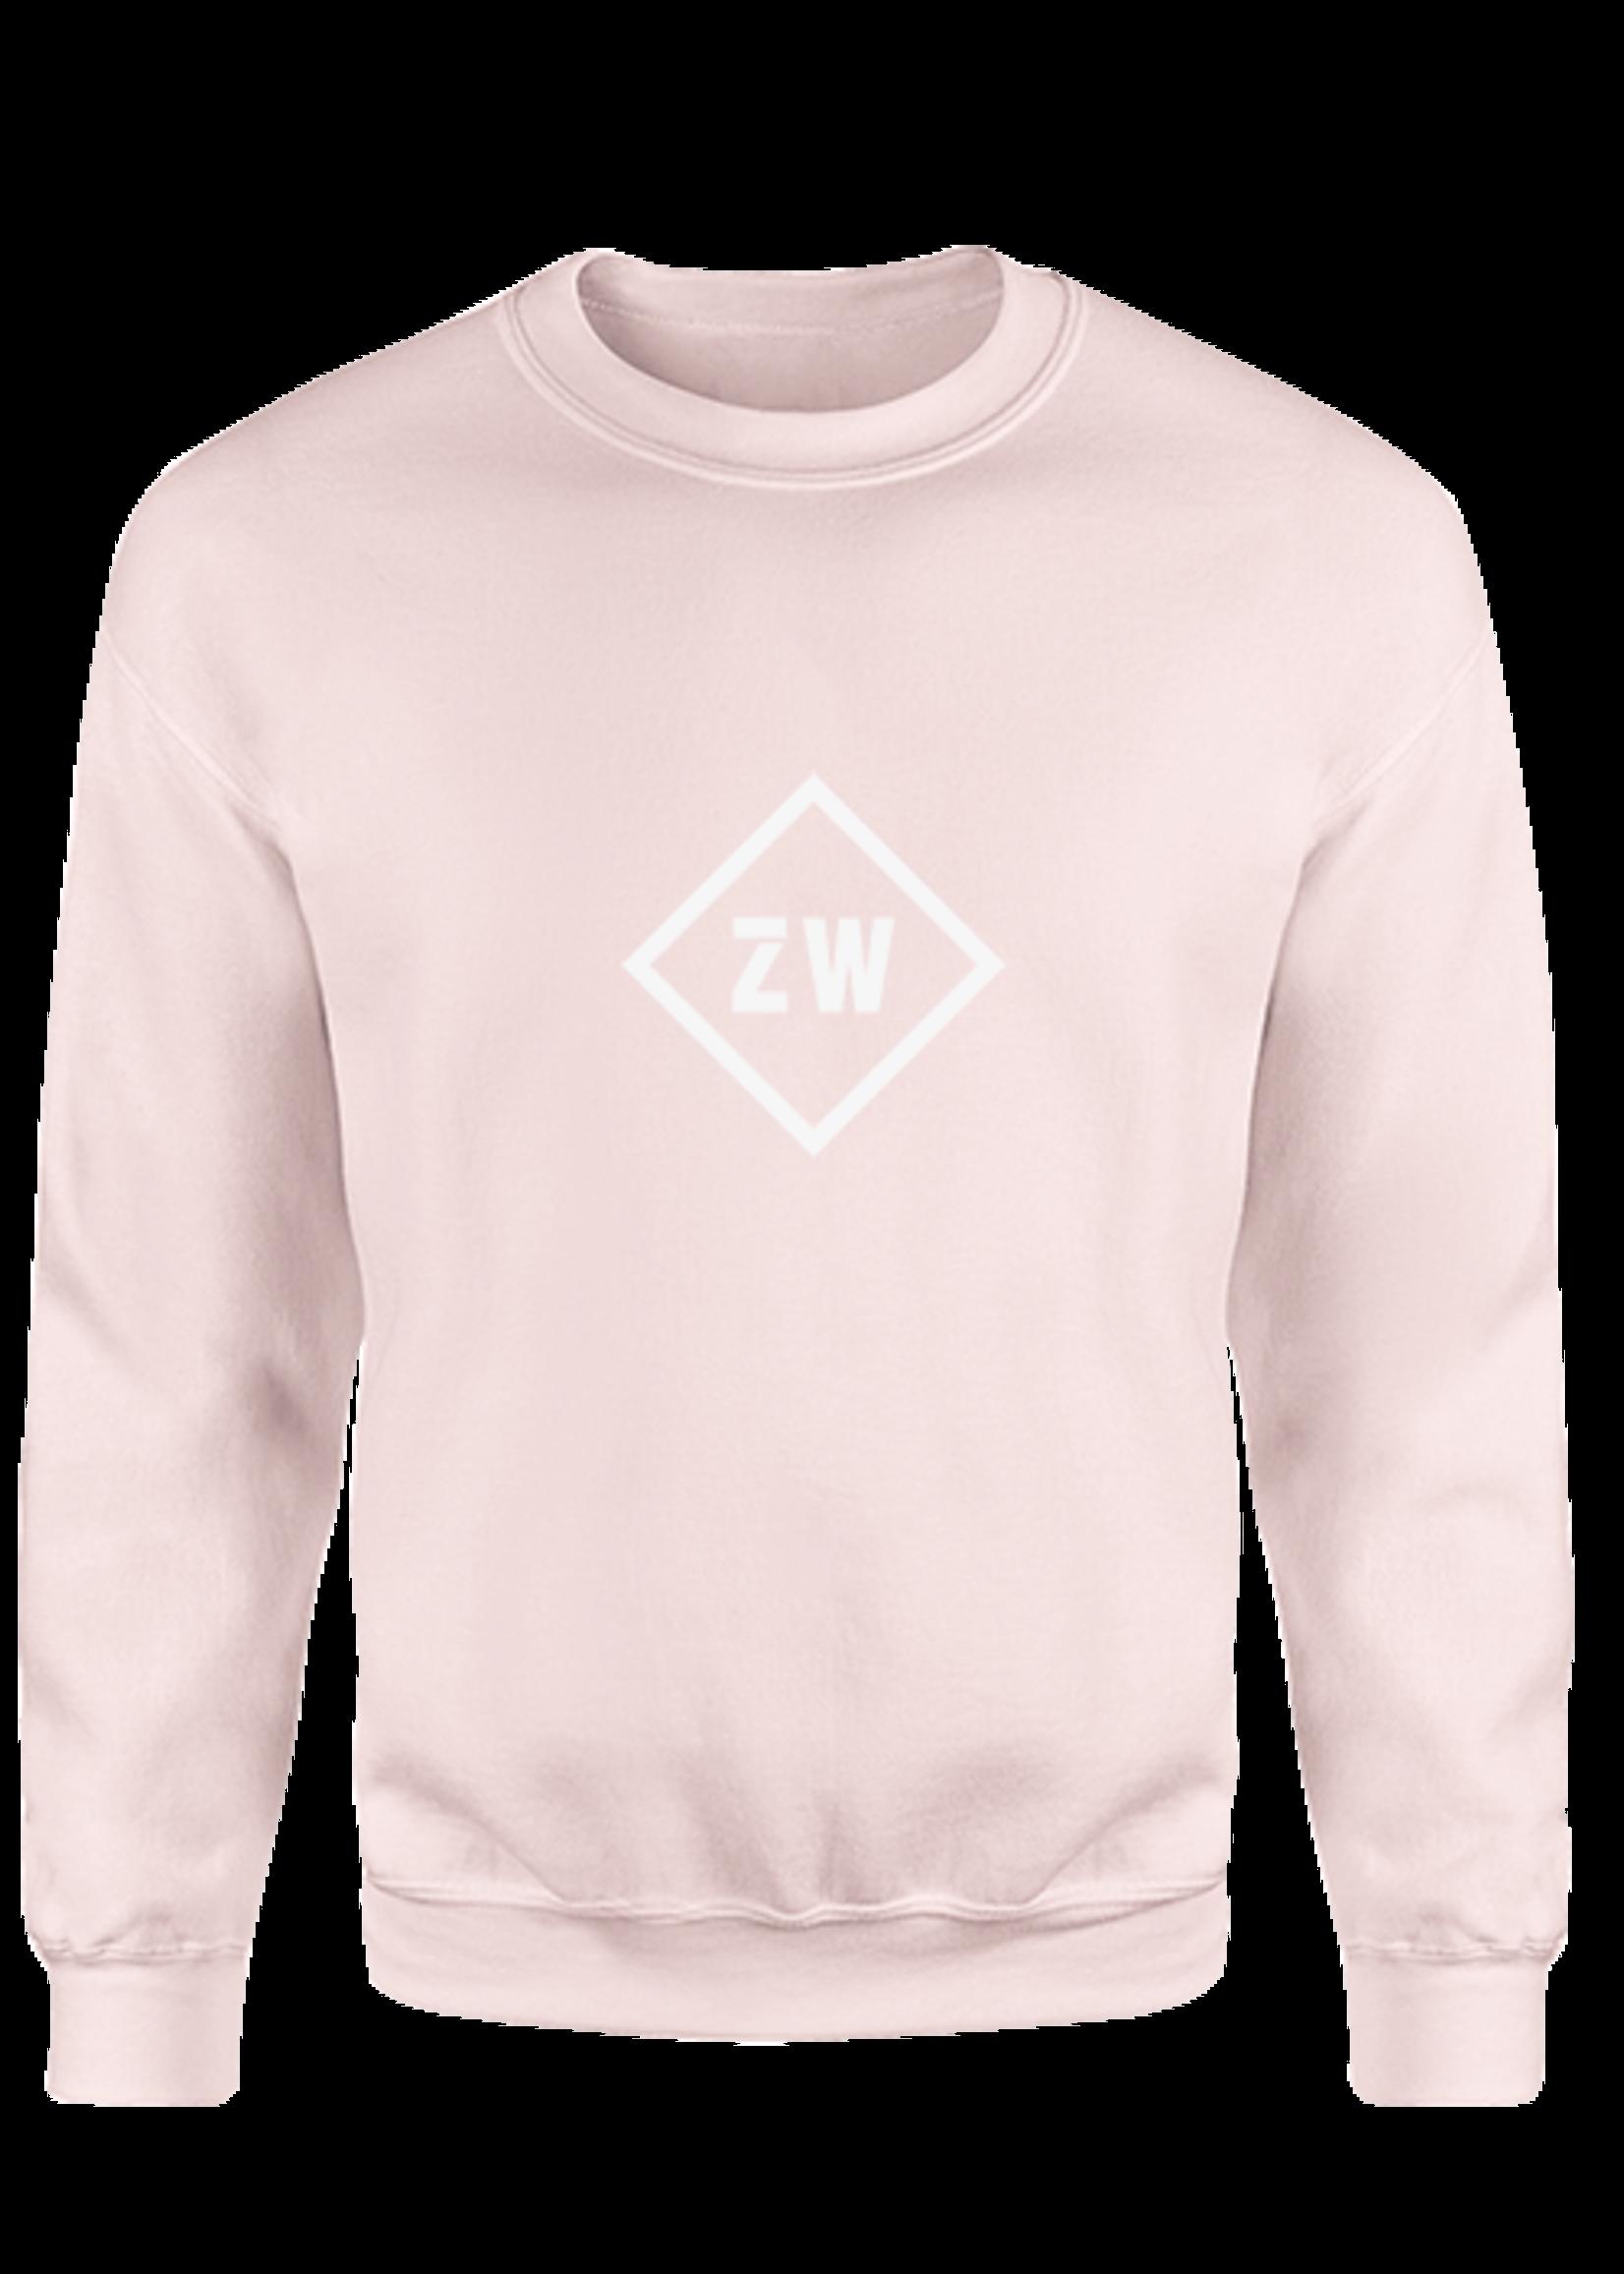 Rebel & Dutch ZwartWit sweater pink white